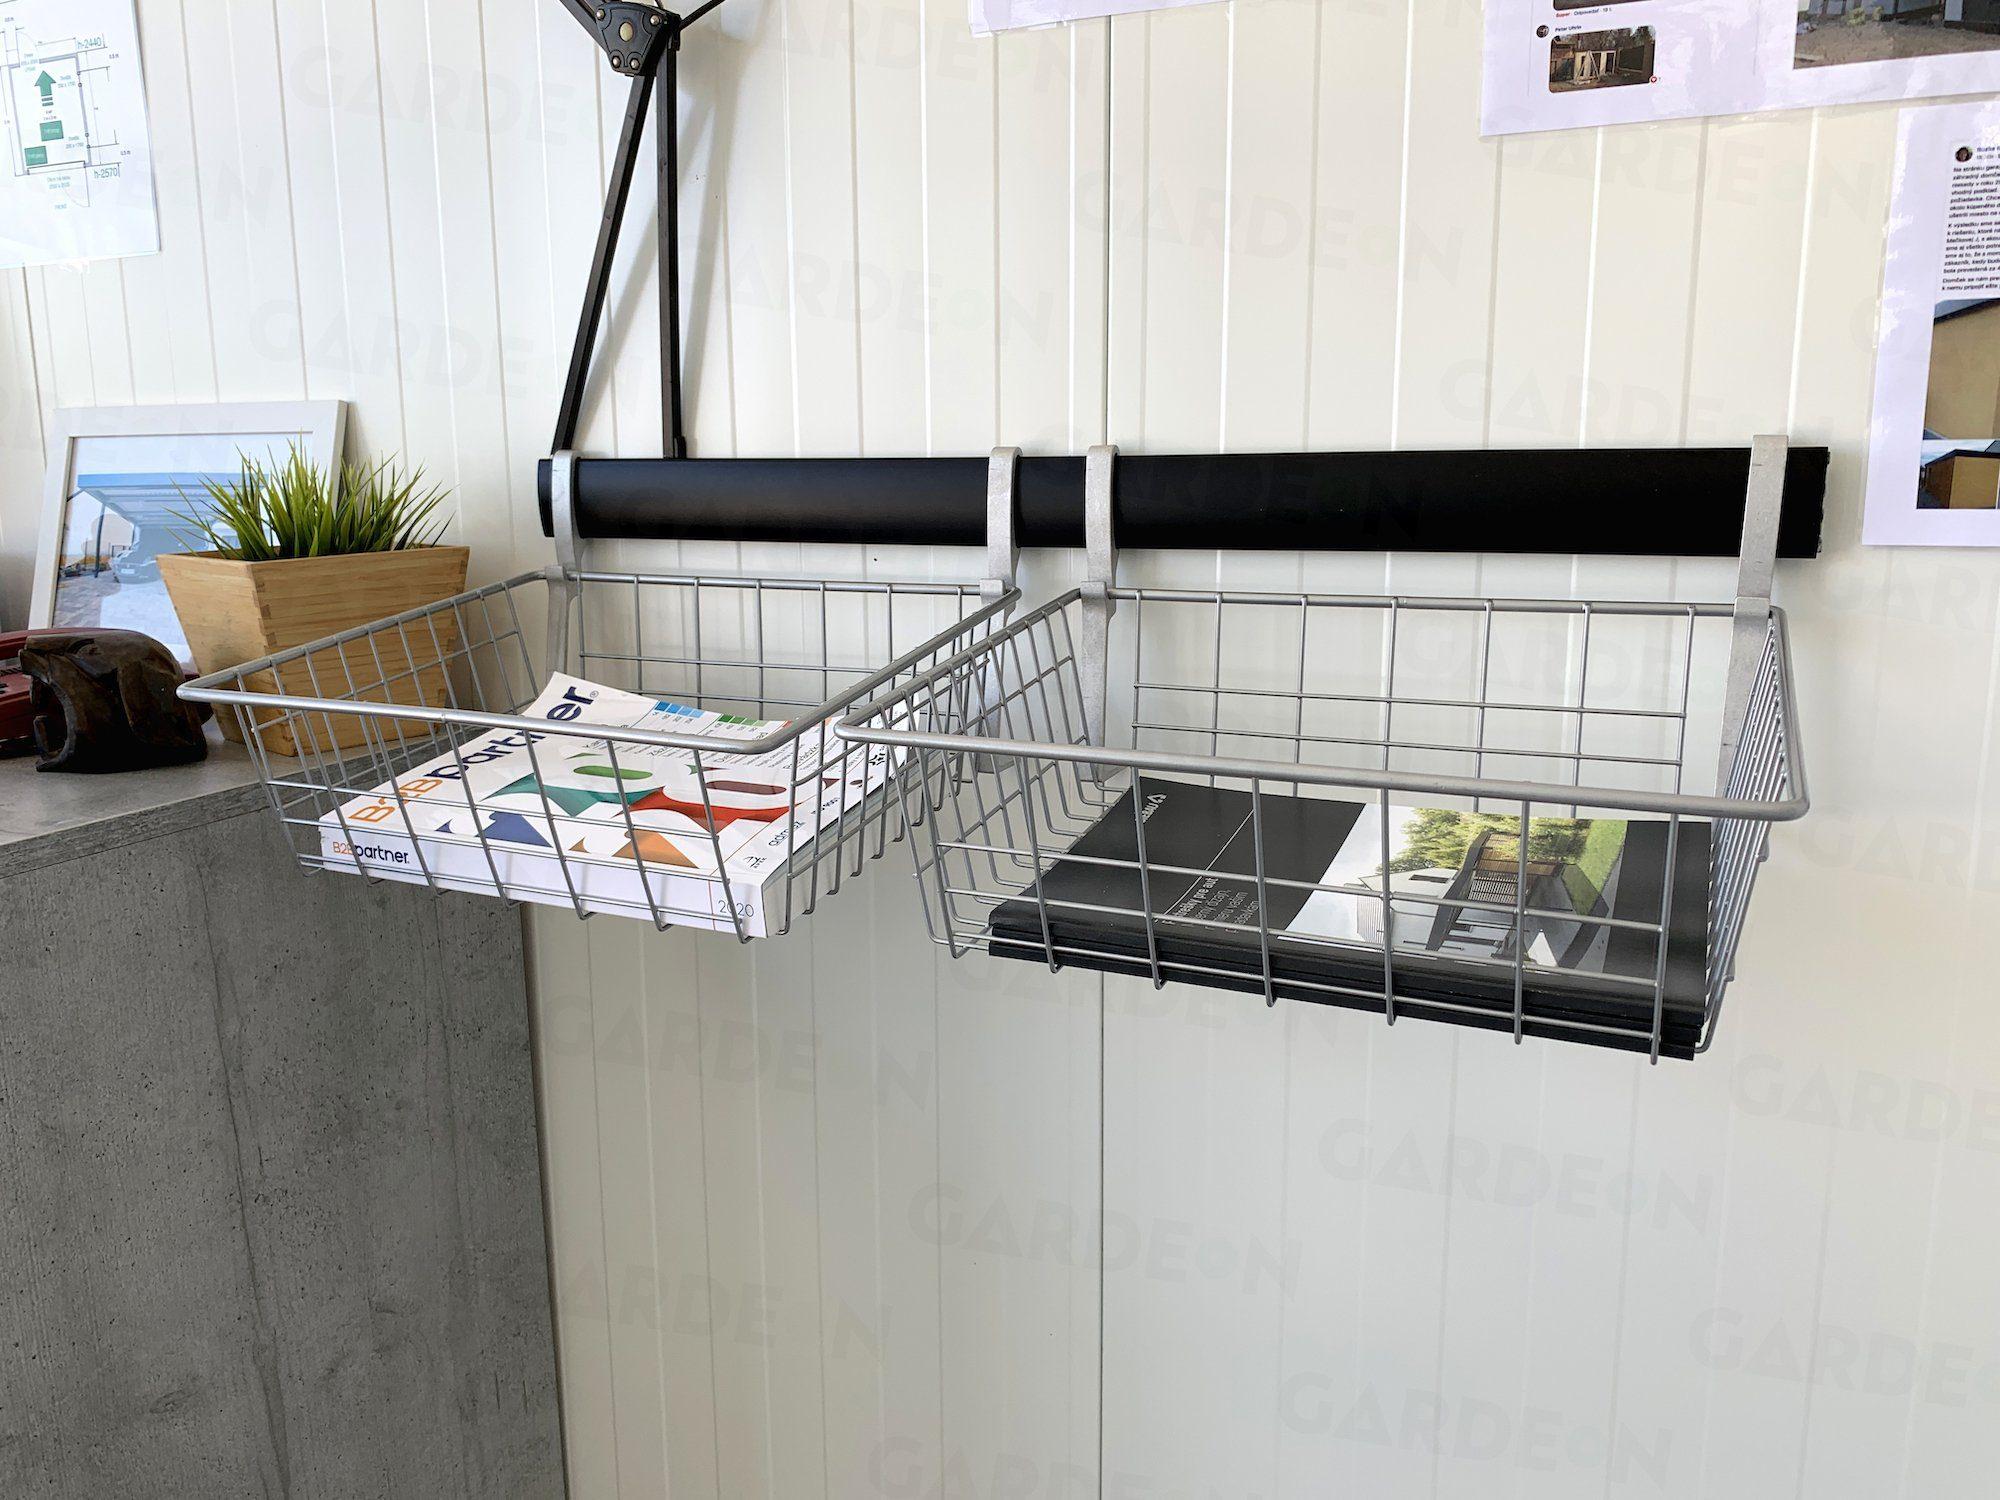 Organizácia do záhradného domčeka